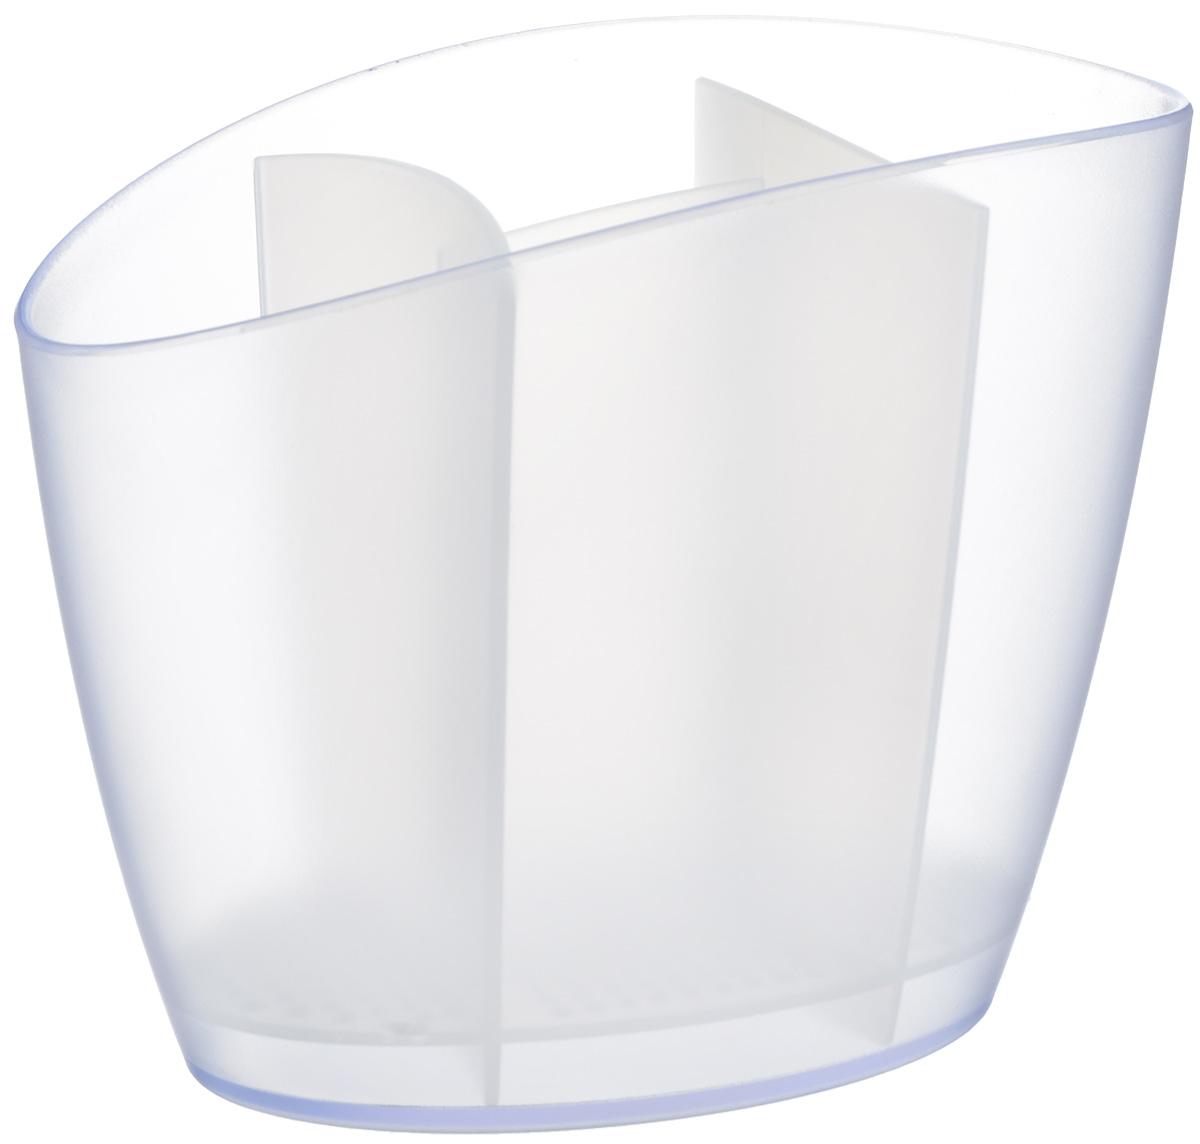 Сушилка для столовых приборов Tescoma Clean Kit, цвет: белый, 19,5 х 11 х 15,5 см900640.11Сушилка Tescoma Clean Kit, выполненная из высококачественного пластика, прекрасно подходит для сушки столовых приборов. Для легкости очищения снабжена съемной подставкой для стока воды. Изделие хорошо впишется в интерьер, не займет много места, а столовые приборы будут всегда под рукой.Можно мыть в посудомоечной машине.Размер изделия: 19,5 х 11 х 15,5 см.